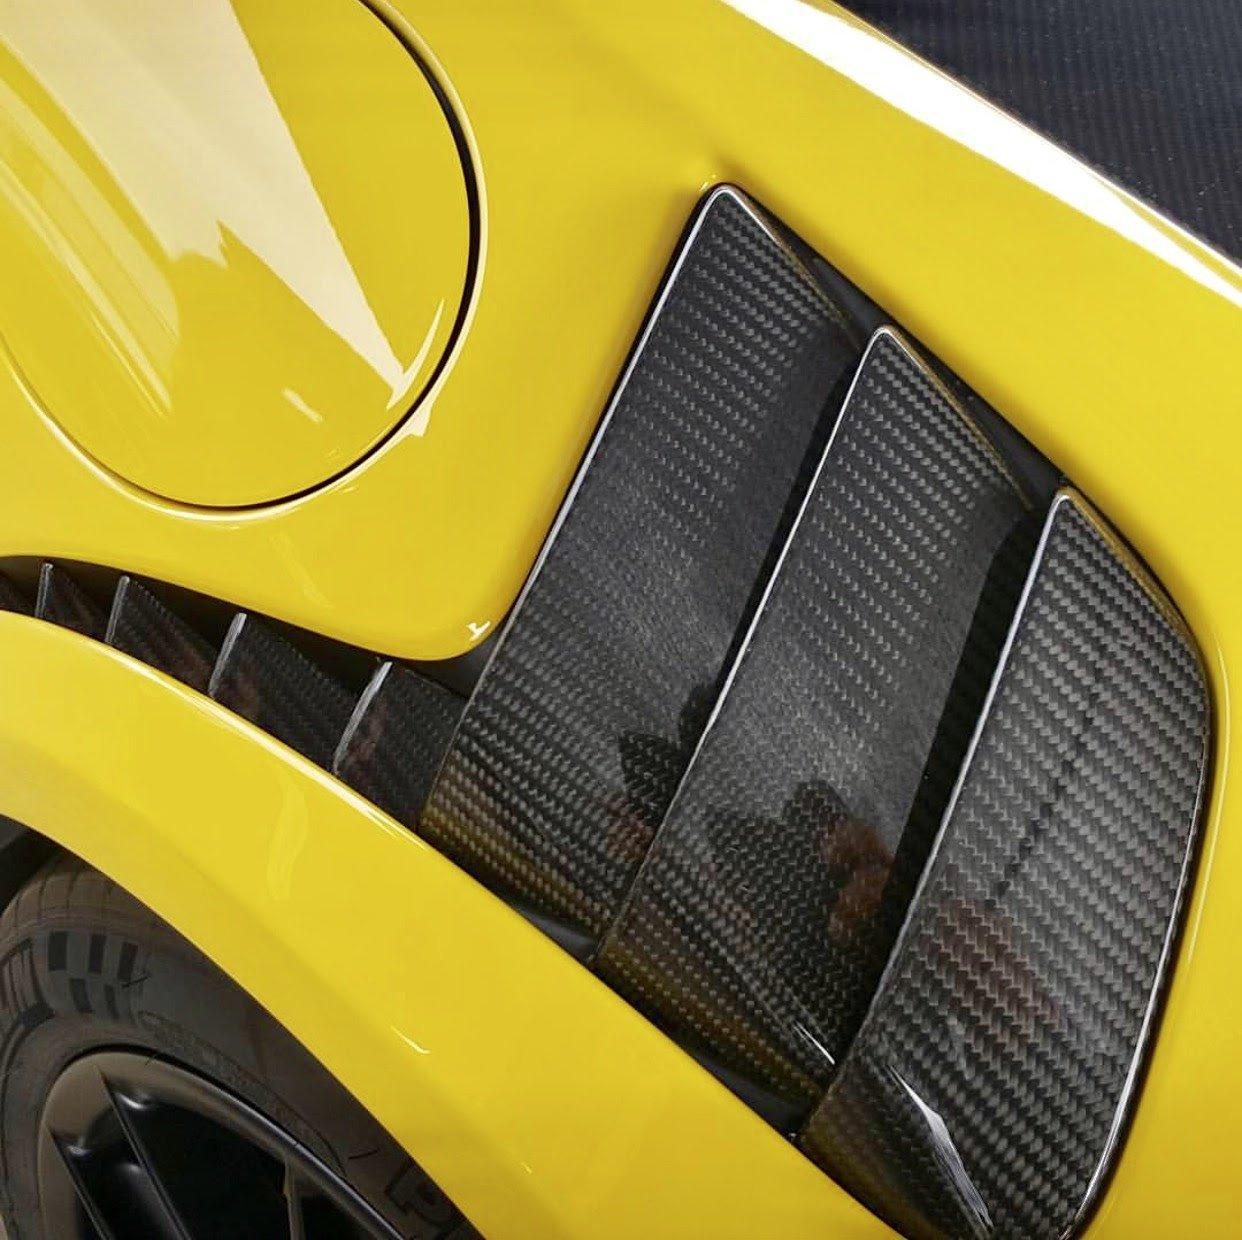 Amazon.com: Porsche 991.2 GT2RS style Carbon Fiber Louvered Fenders for 991 & 991.2 Turbo: Automotive